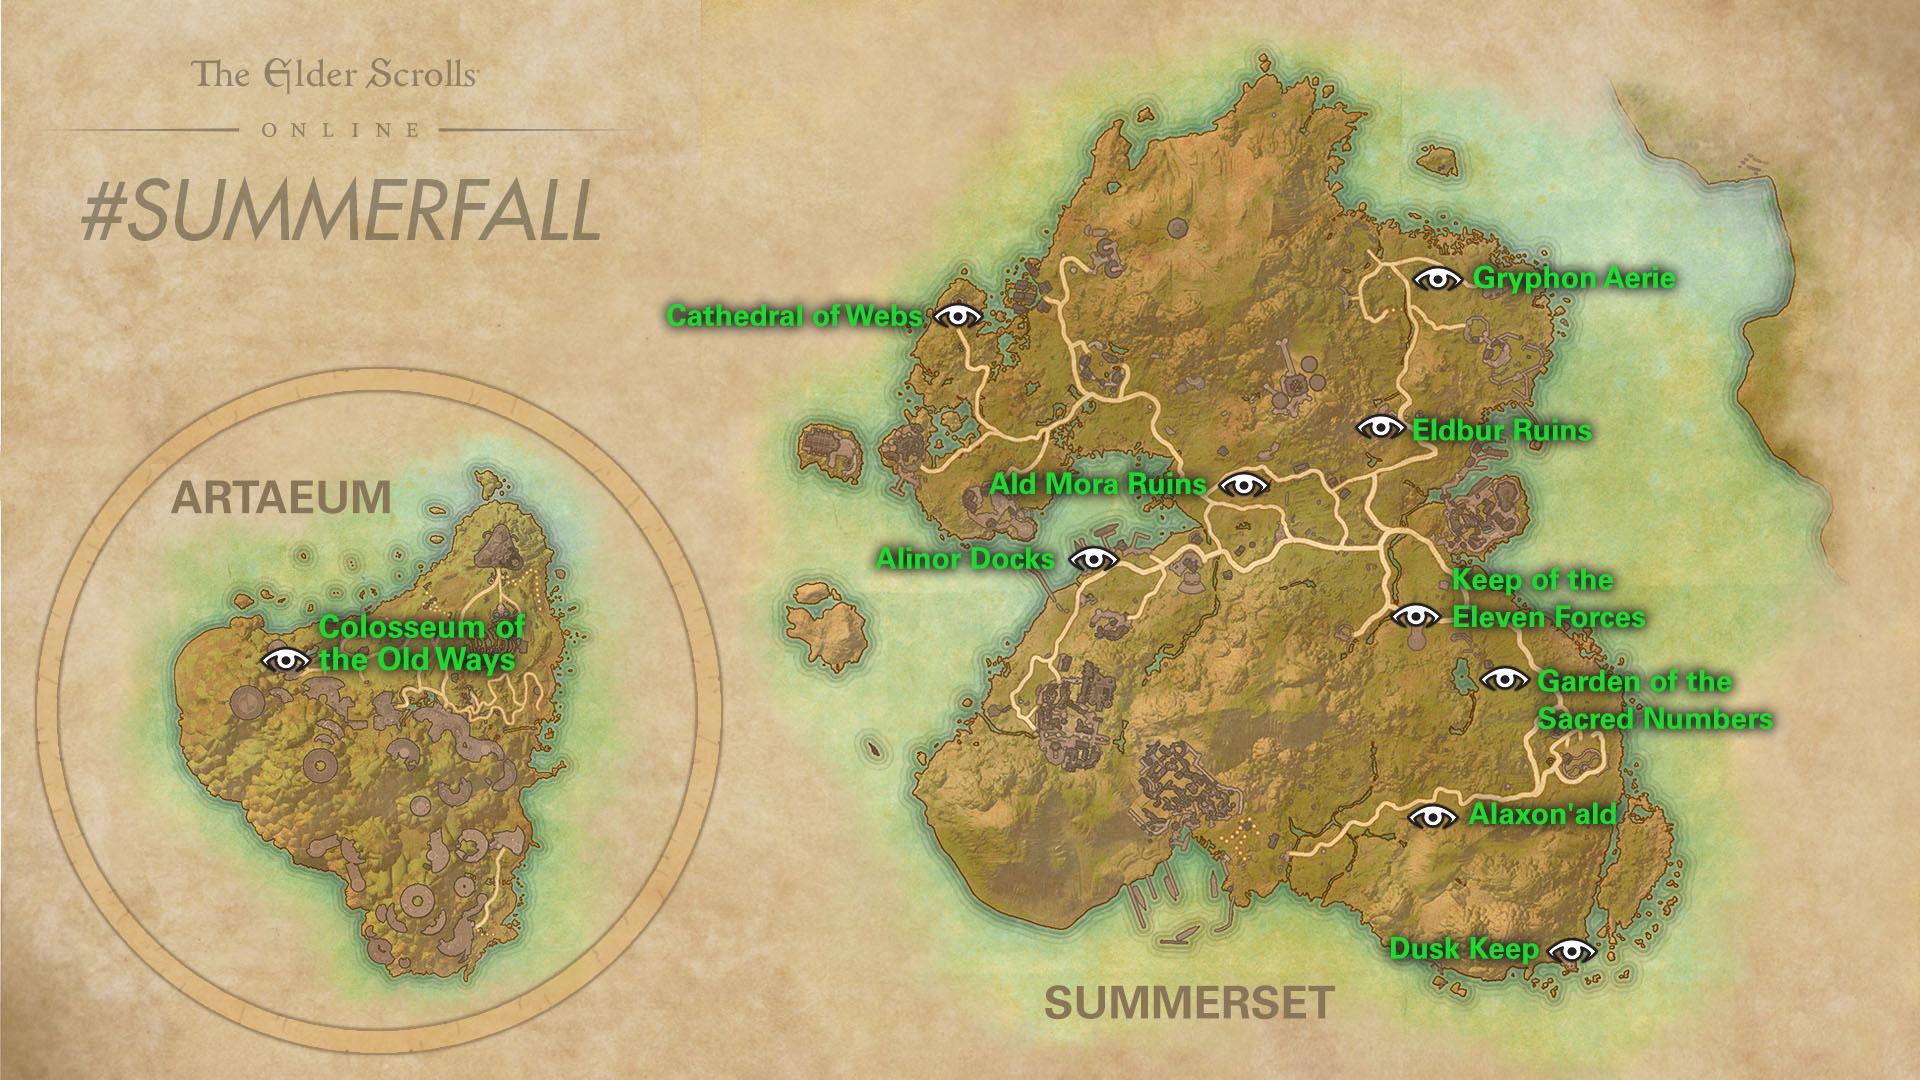 Summerfall Event Map